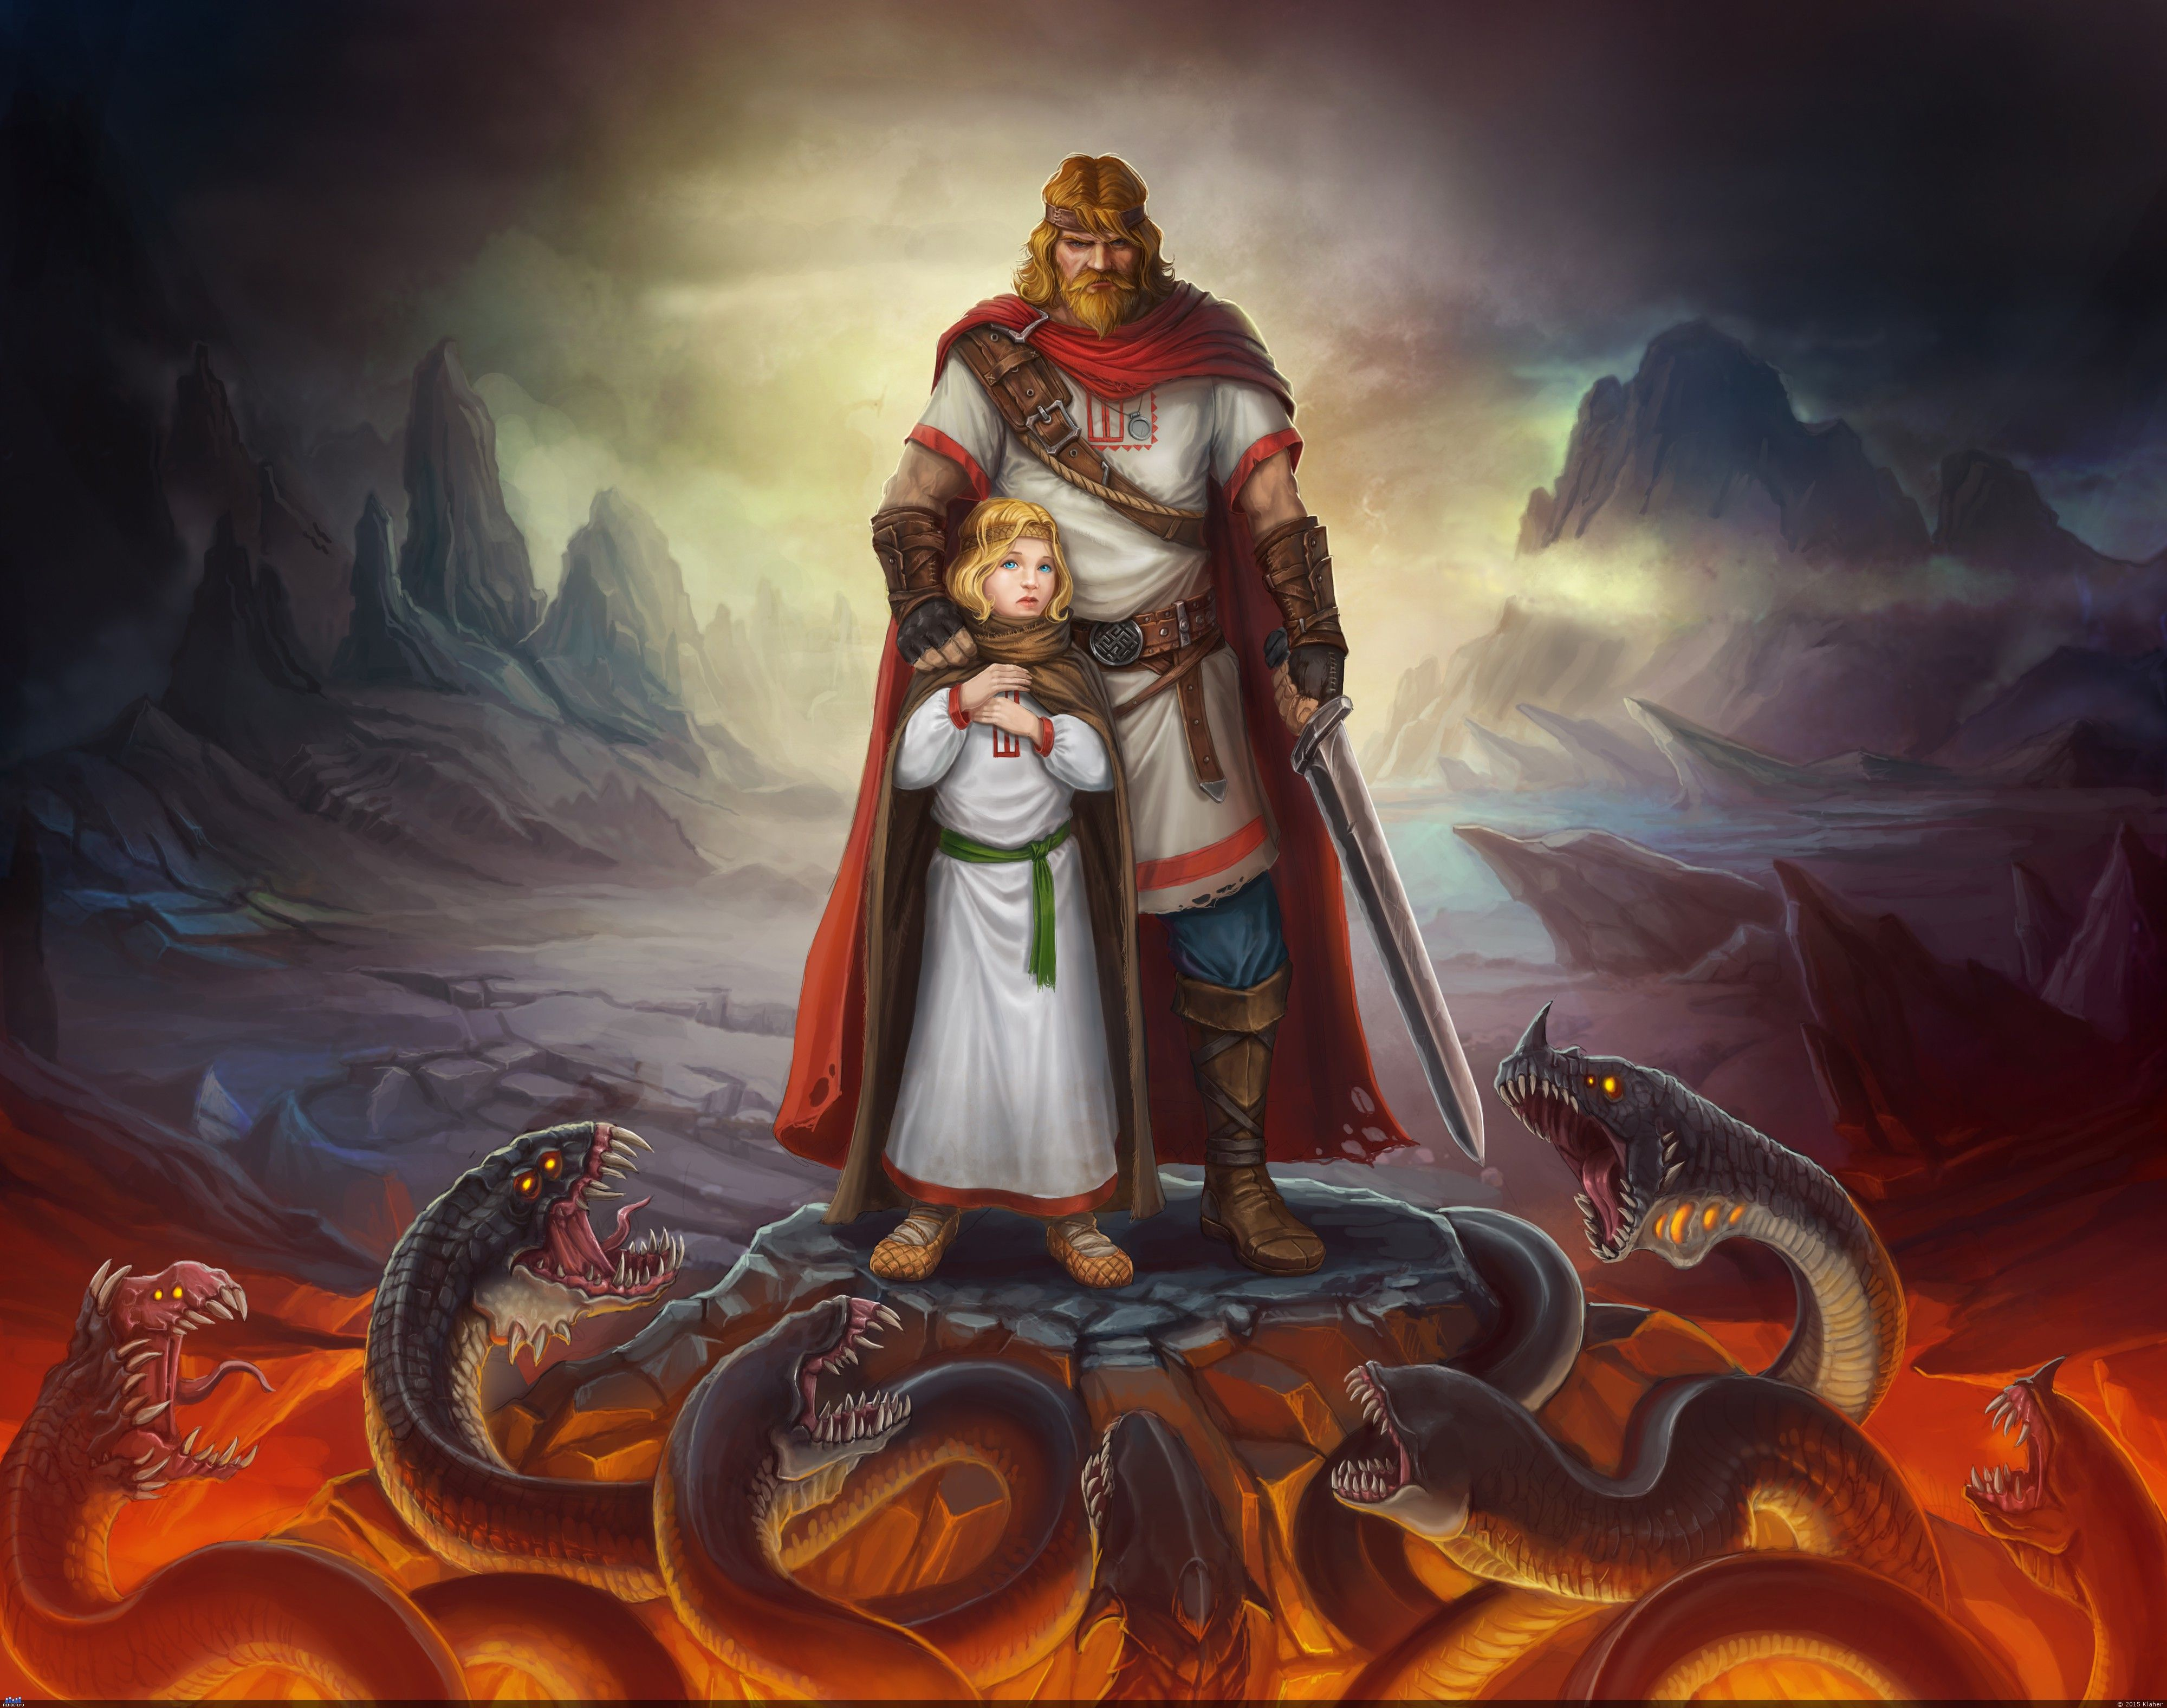 Белояр древний славянский князь. Его существование не доказано, но про него сложено множество легенд и мифов.